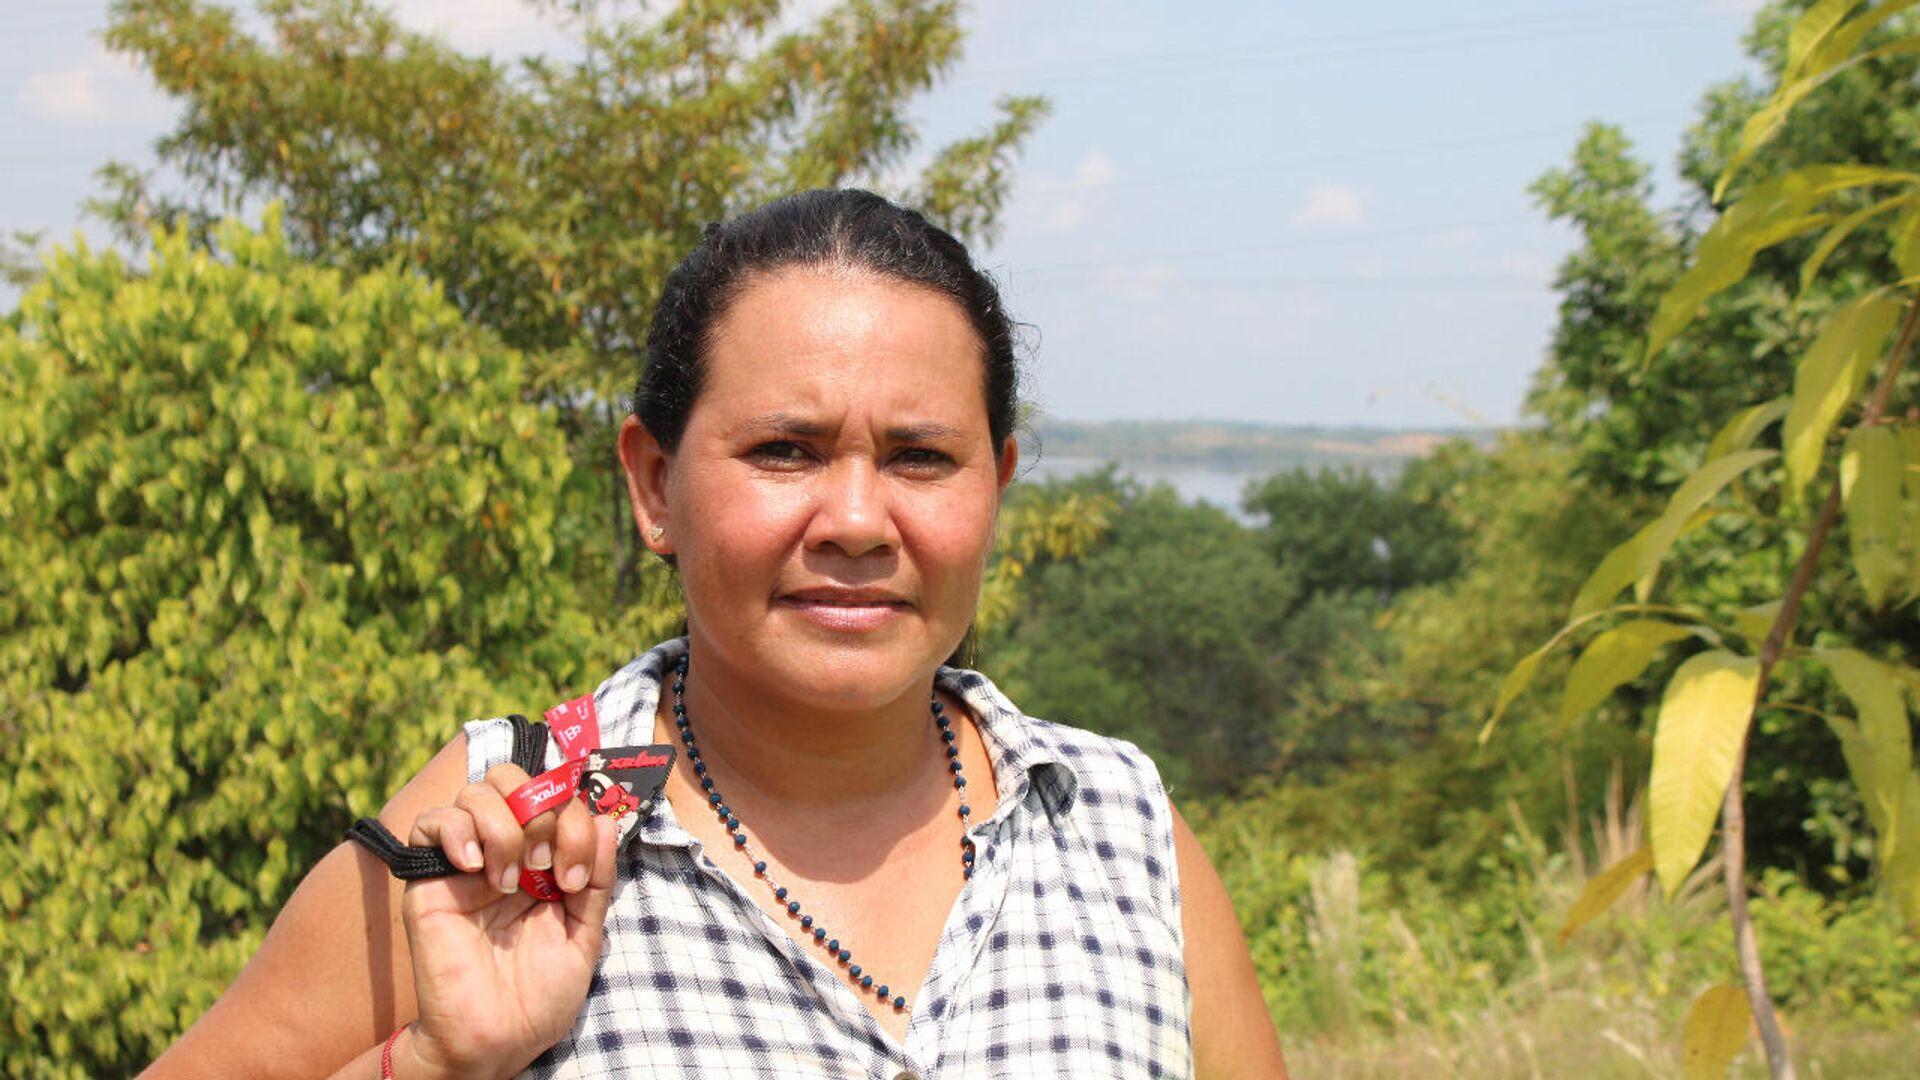 Yuli Velásquez es pescadora artesanal y líder ambiental en la Ciénaga de San Silvestre - Sputnik Mundo, 1920, 18.02.2021